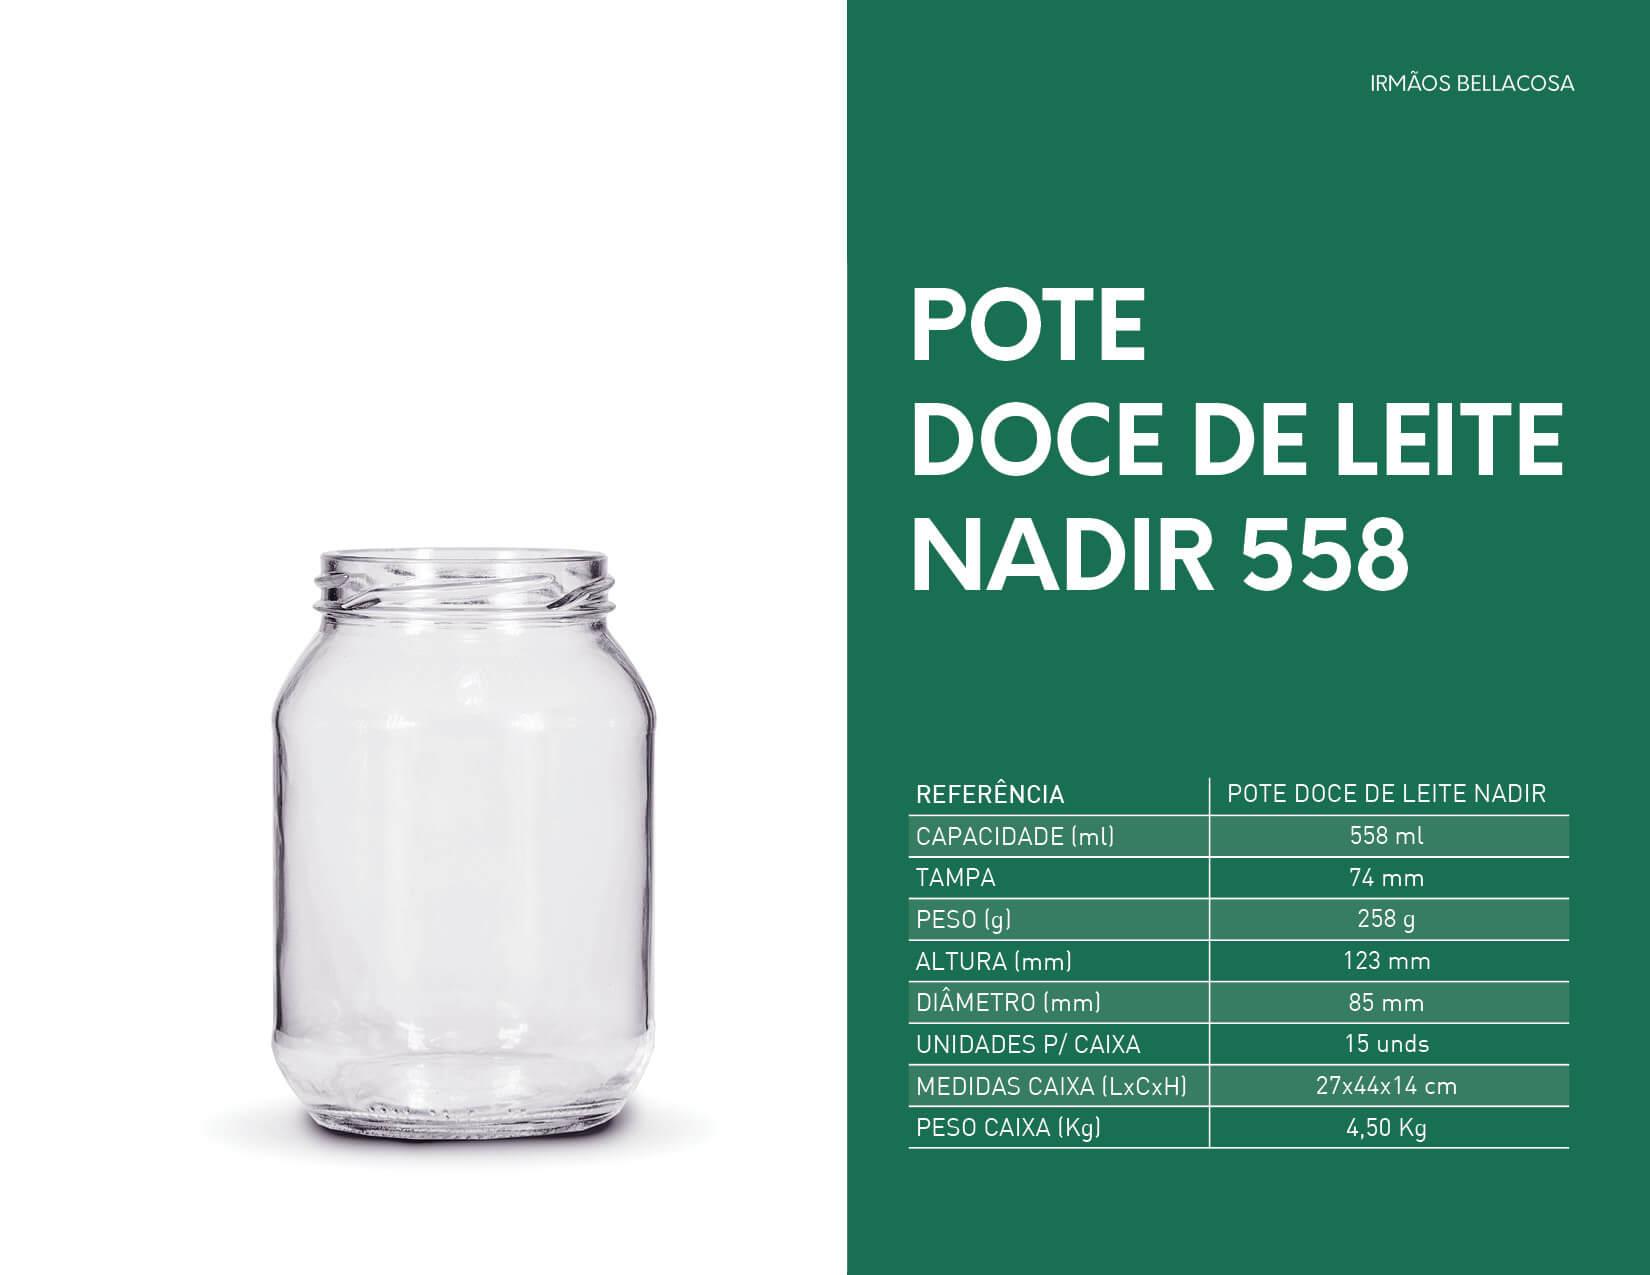 006-Pote-Doce-de-leite-Nadir-558-irmaos-bellacosa-embalagens-de-vidro